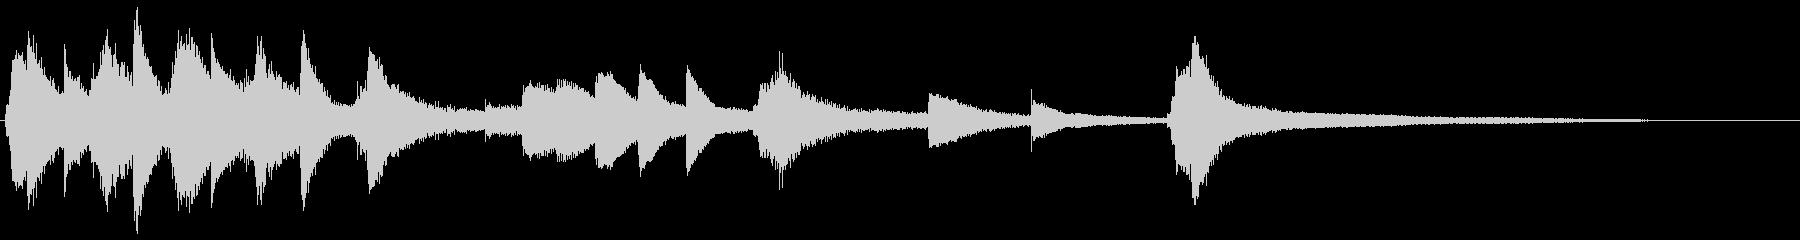 やさしい印象の、ピアノソロジングルです。の未再生の波形